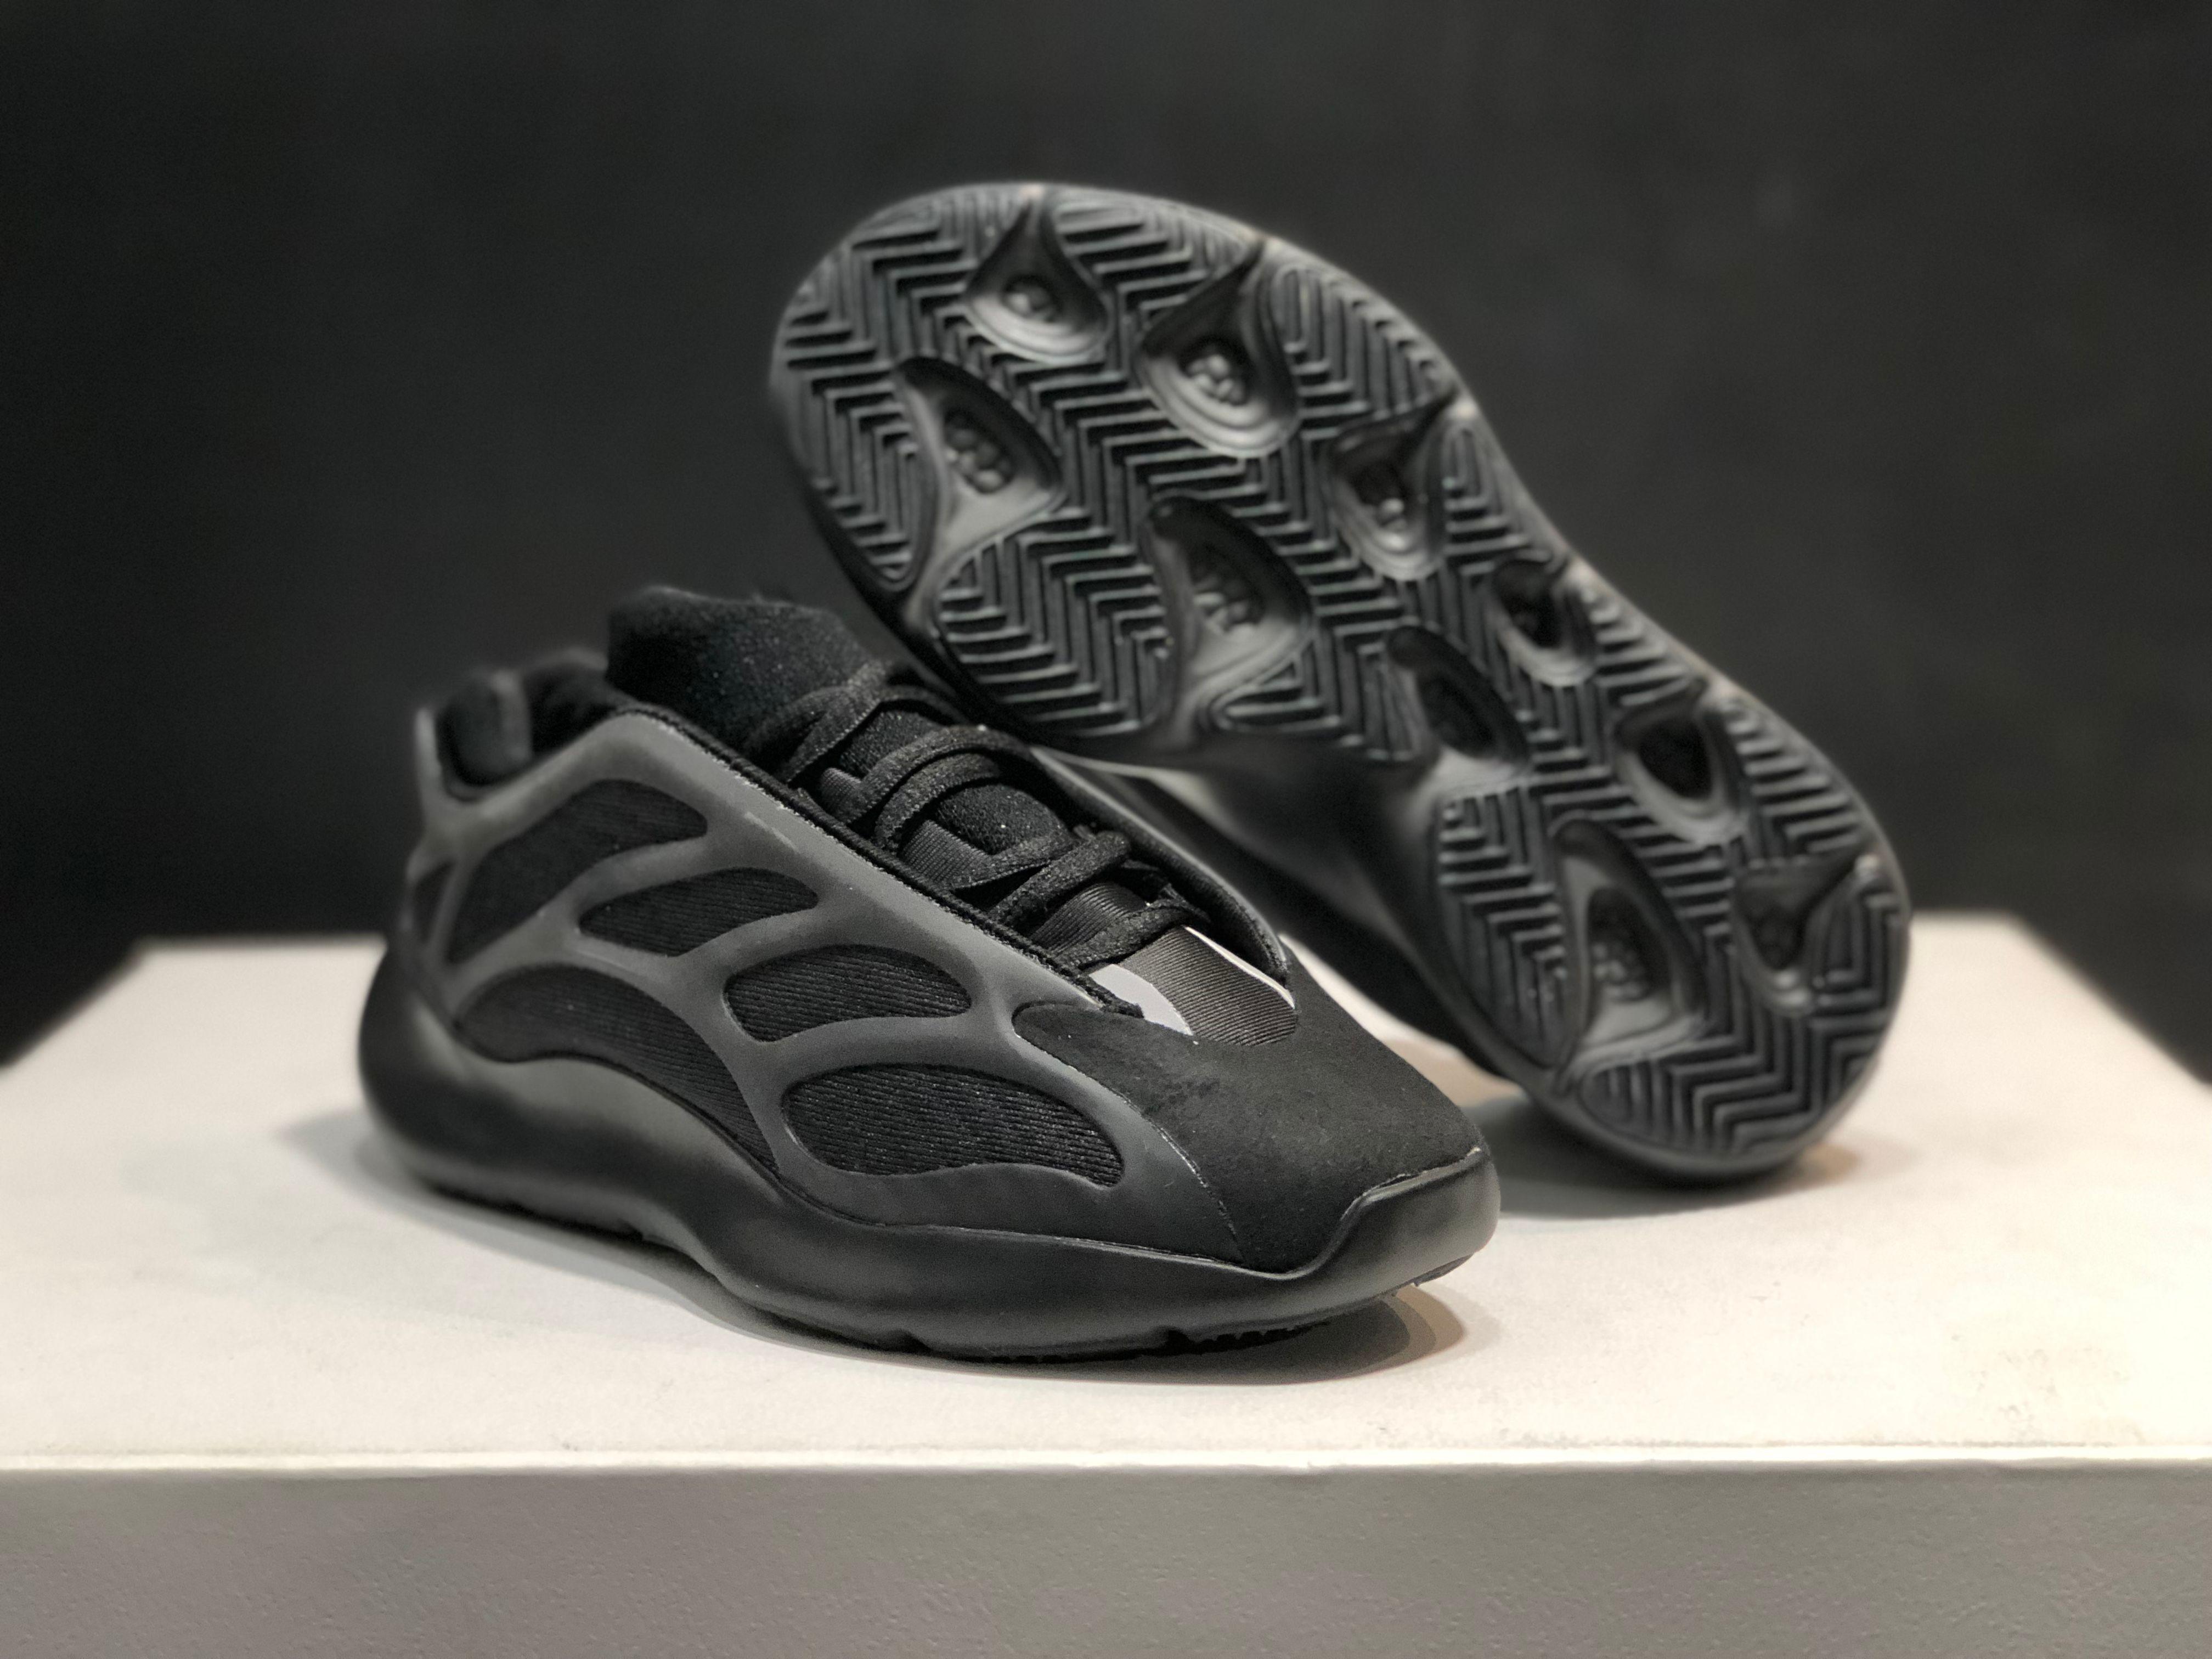 Dzieci V3 Azael Alvah Buty do biegania Kid Dzieci Chłopcy Dziewczęta Piękne Training Sneakers Yakuda Best Sport Hurtownie Dropping Akceptowane popularne